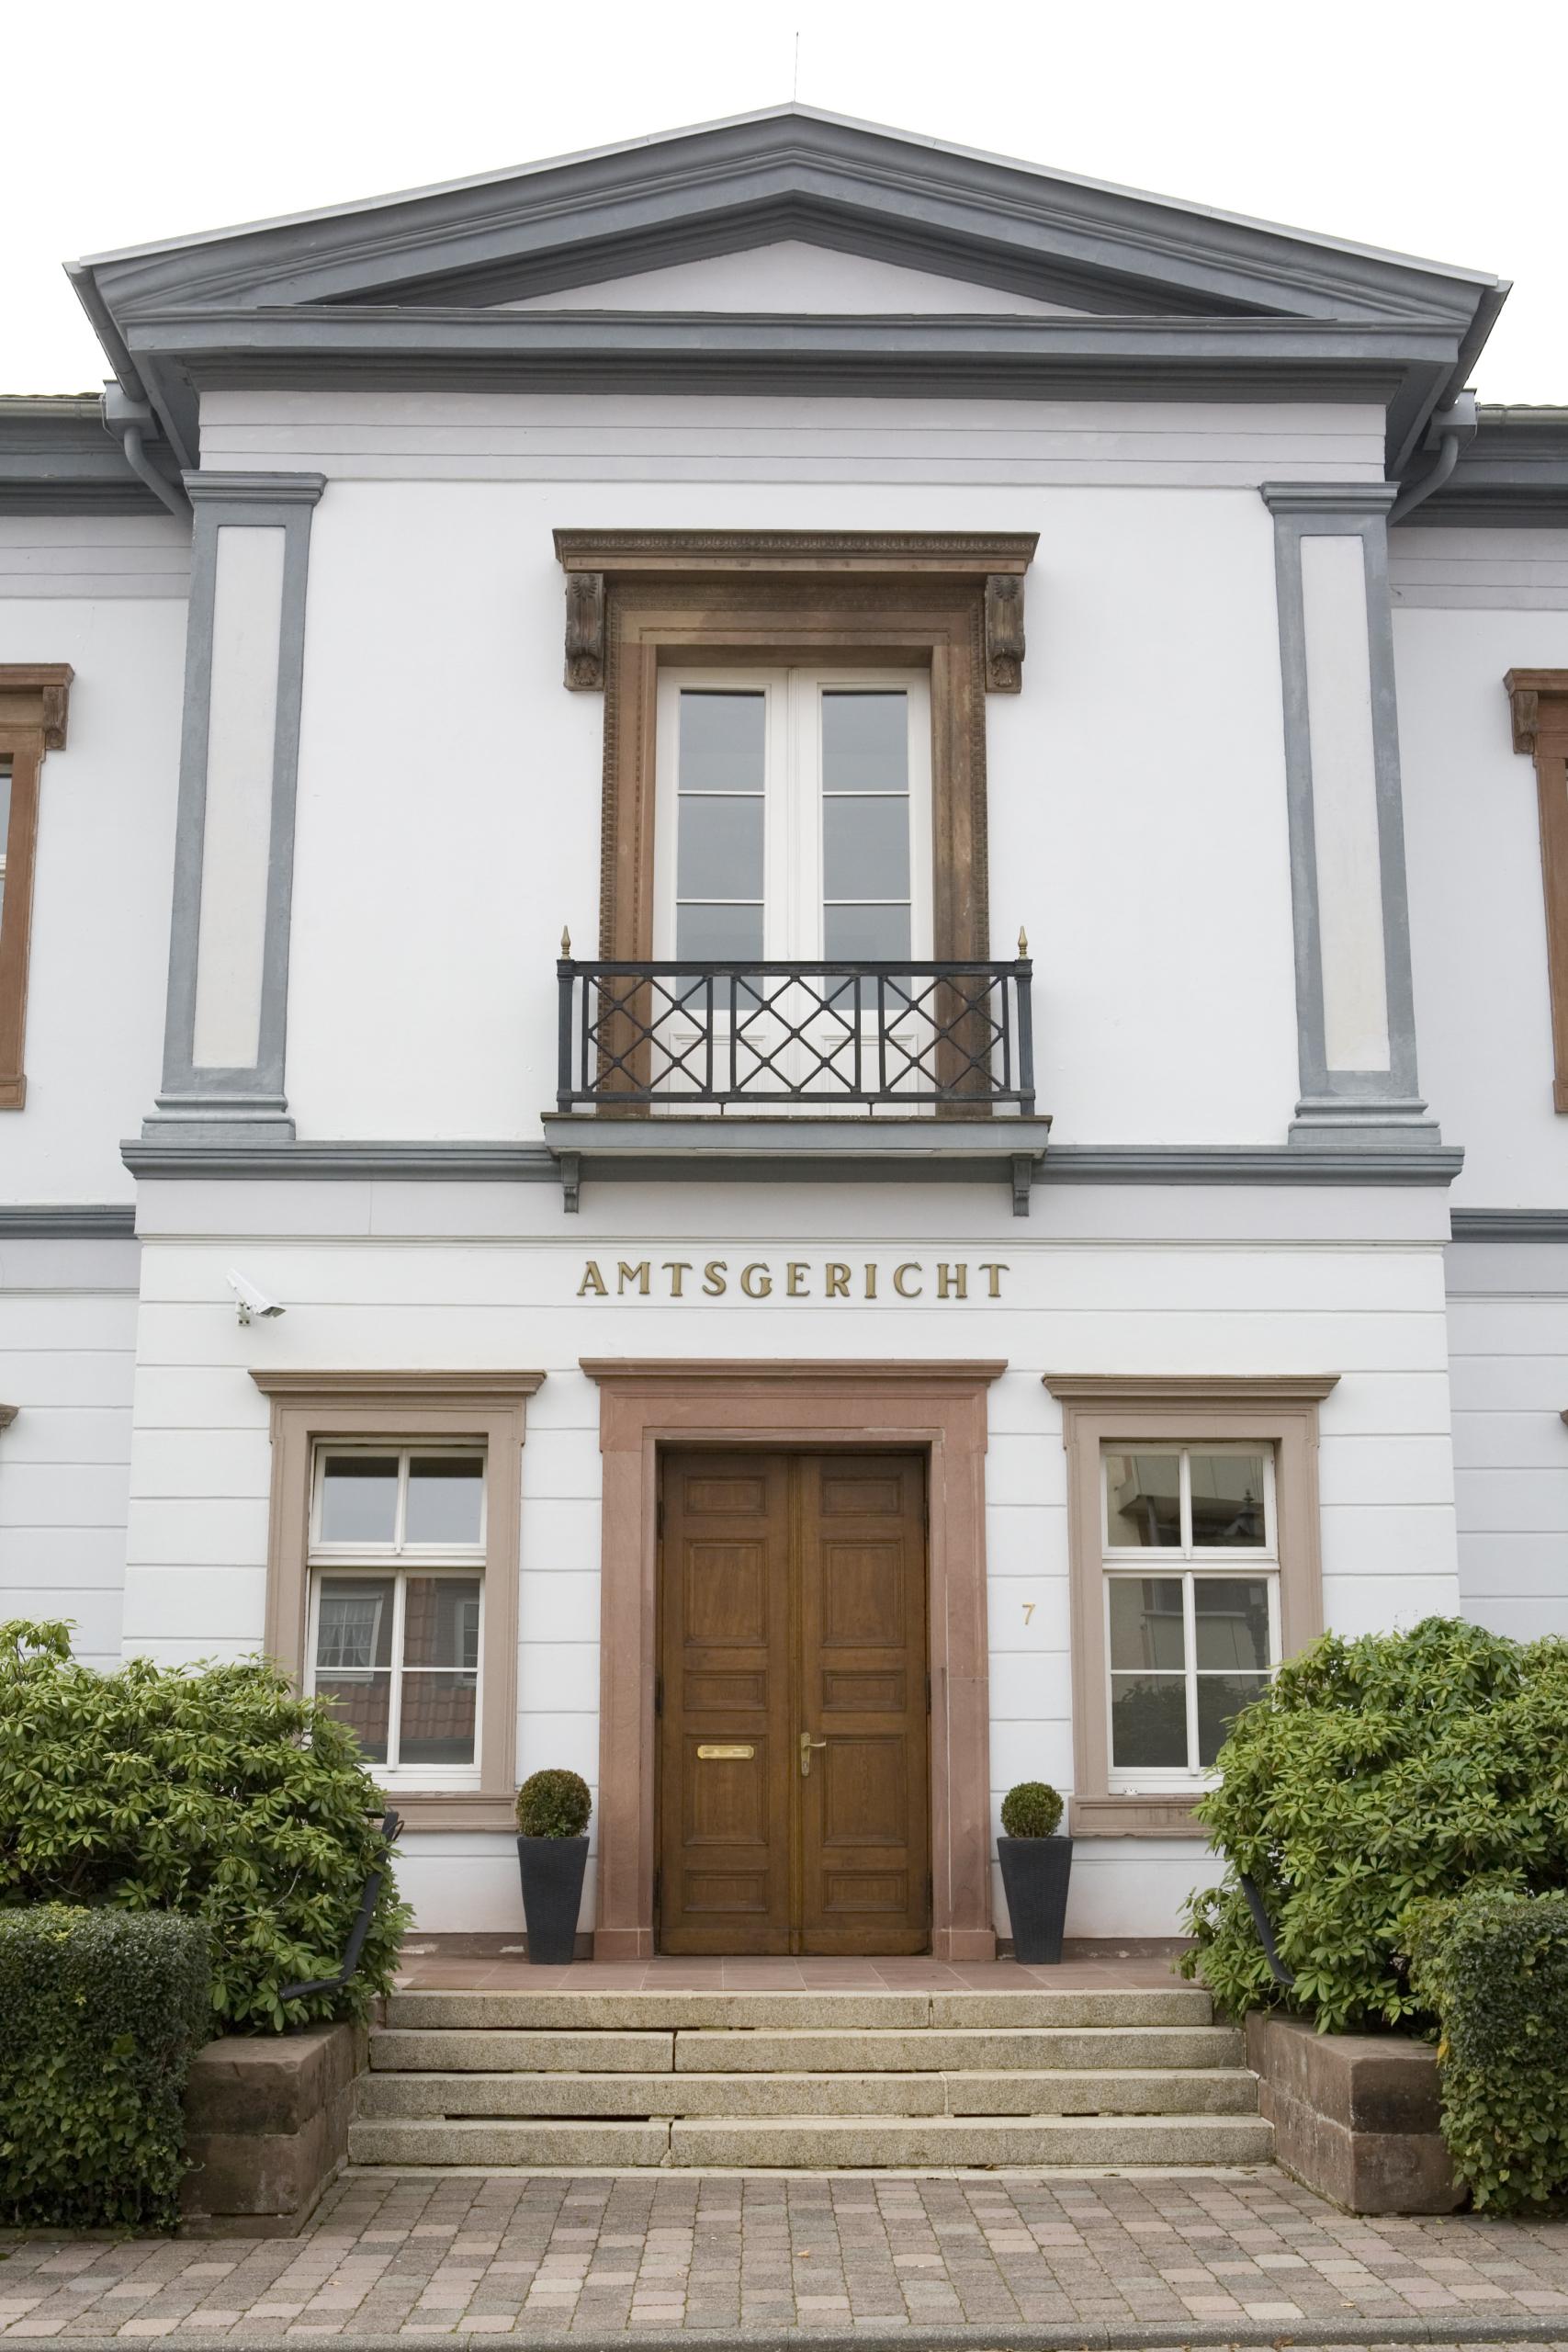 10. Tipp zur Immobilienrettung: Inanspruchnahme gerichtlicher Hilfe des Vollstreckungsgerichts